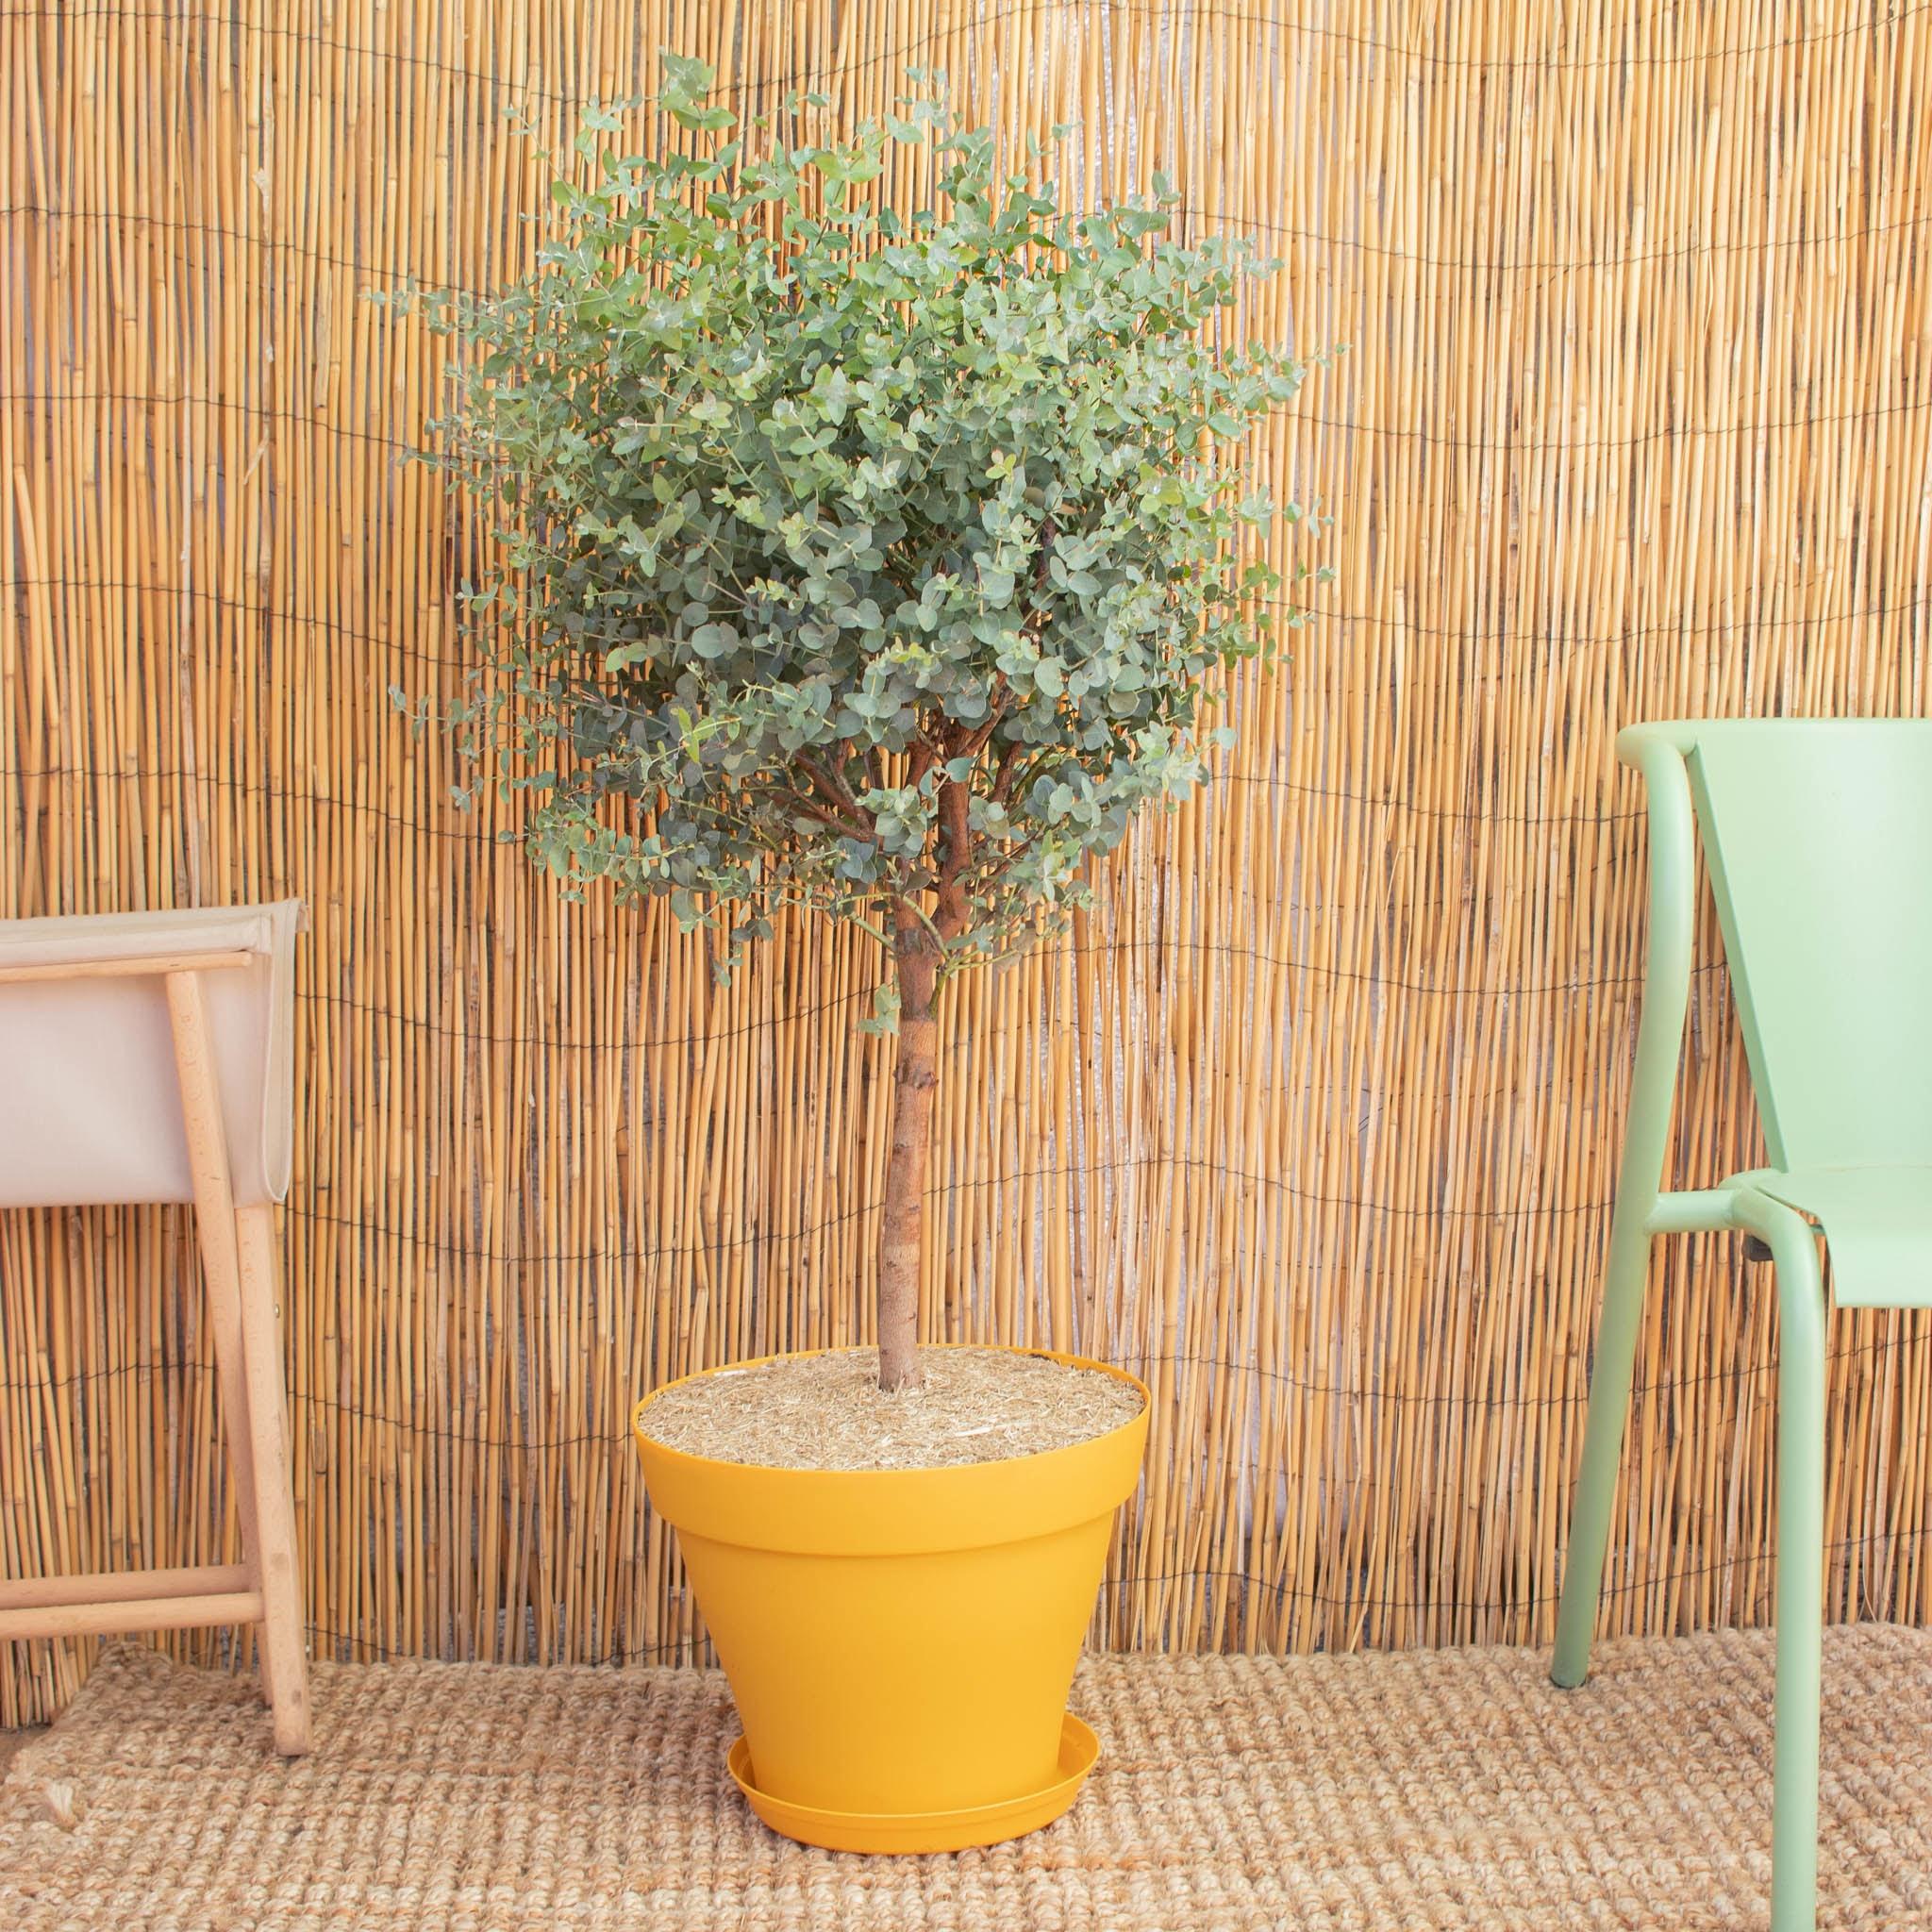 Alessandro & Topf (gelb) - Eukalyptus gunnii